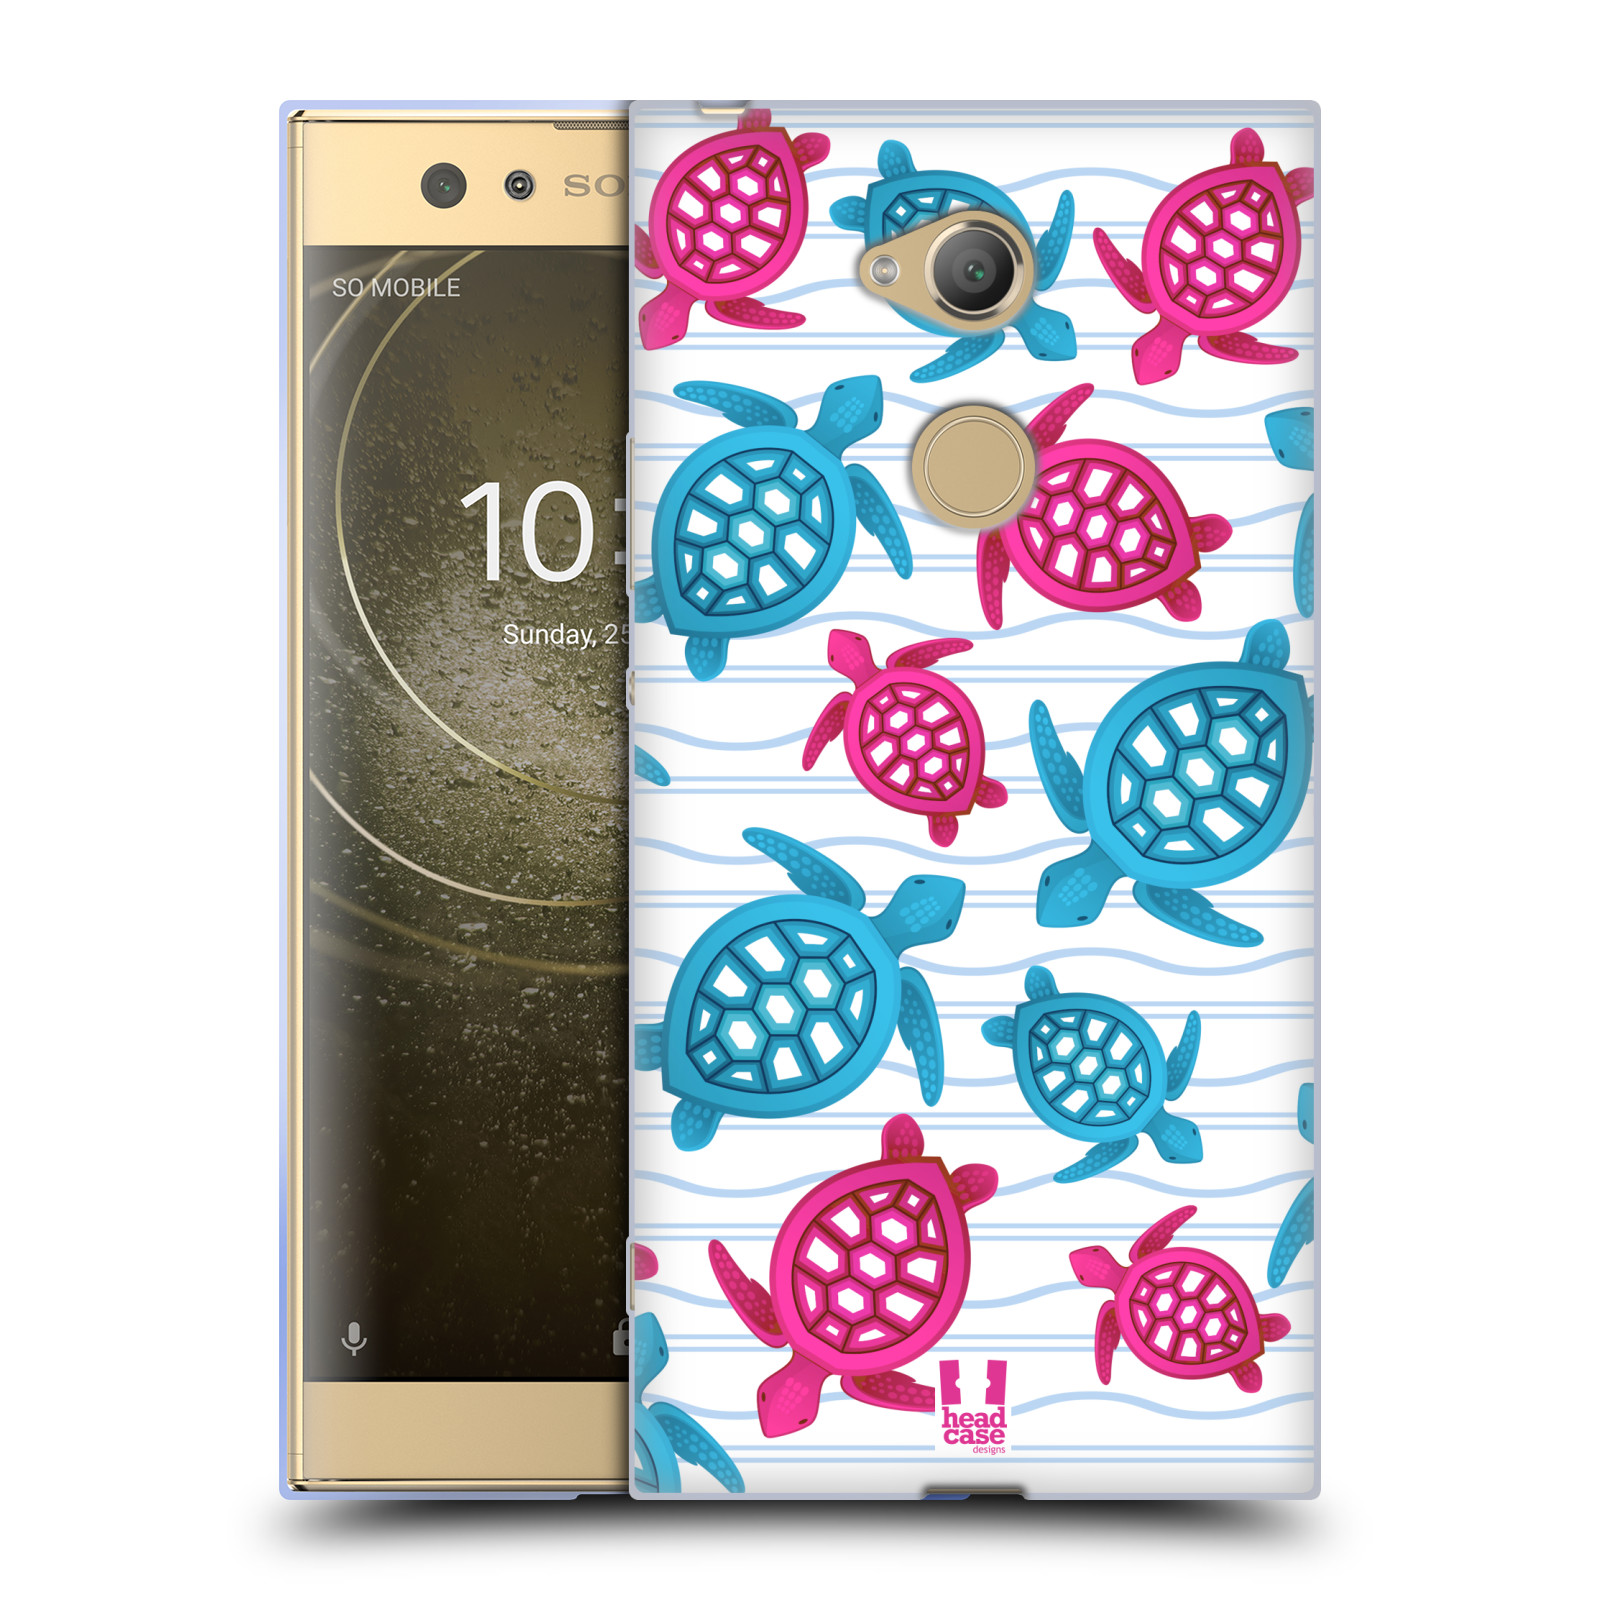 Pouzdro na mobil Sony Xperia XA2 Ultra vzor mořský živočich želva modrá a růžová